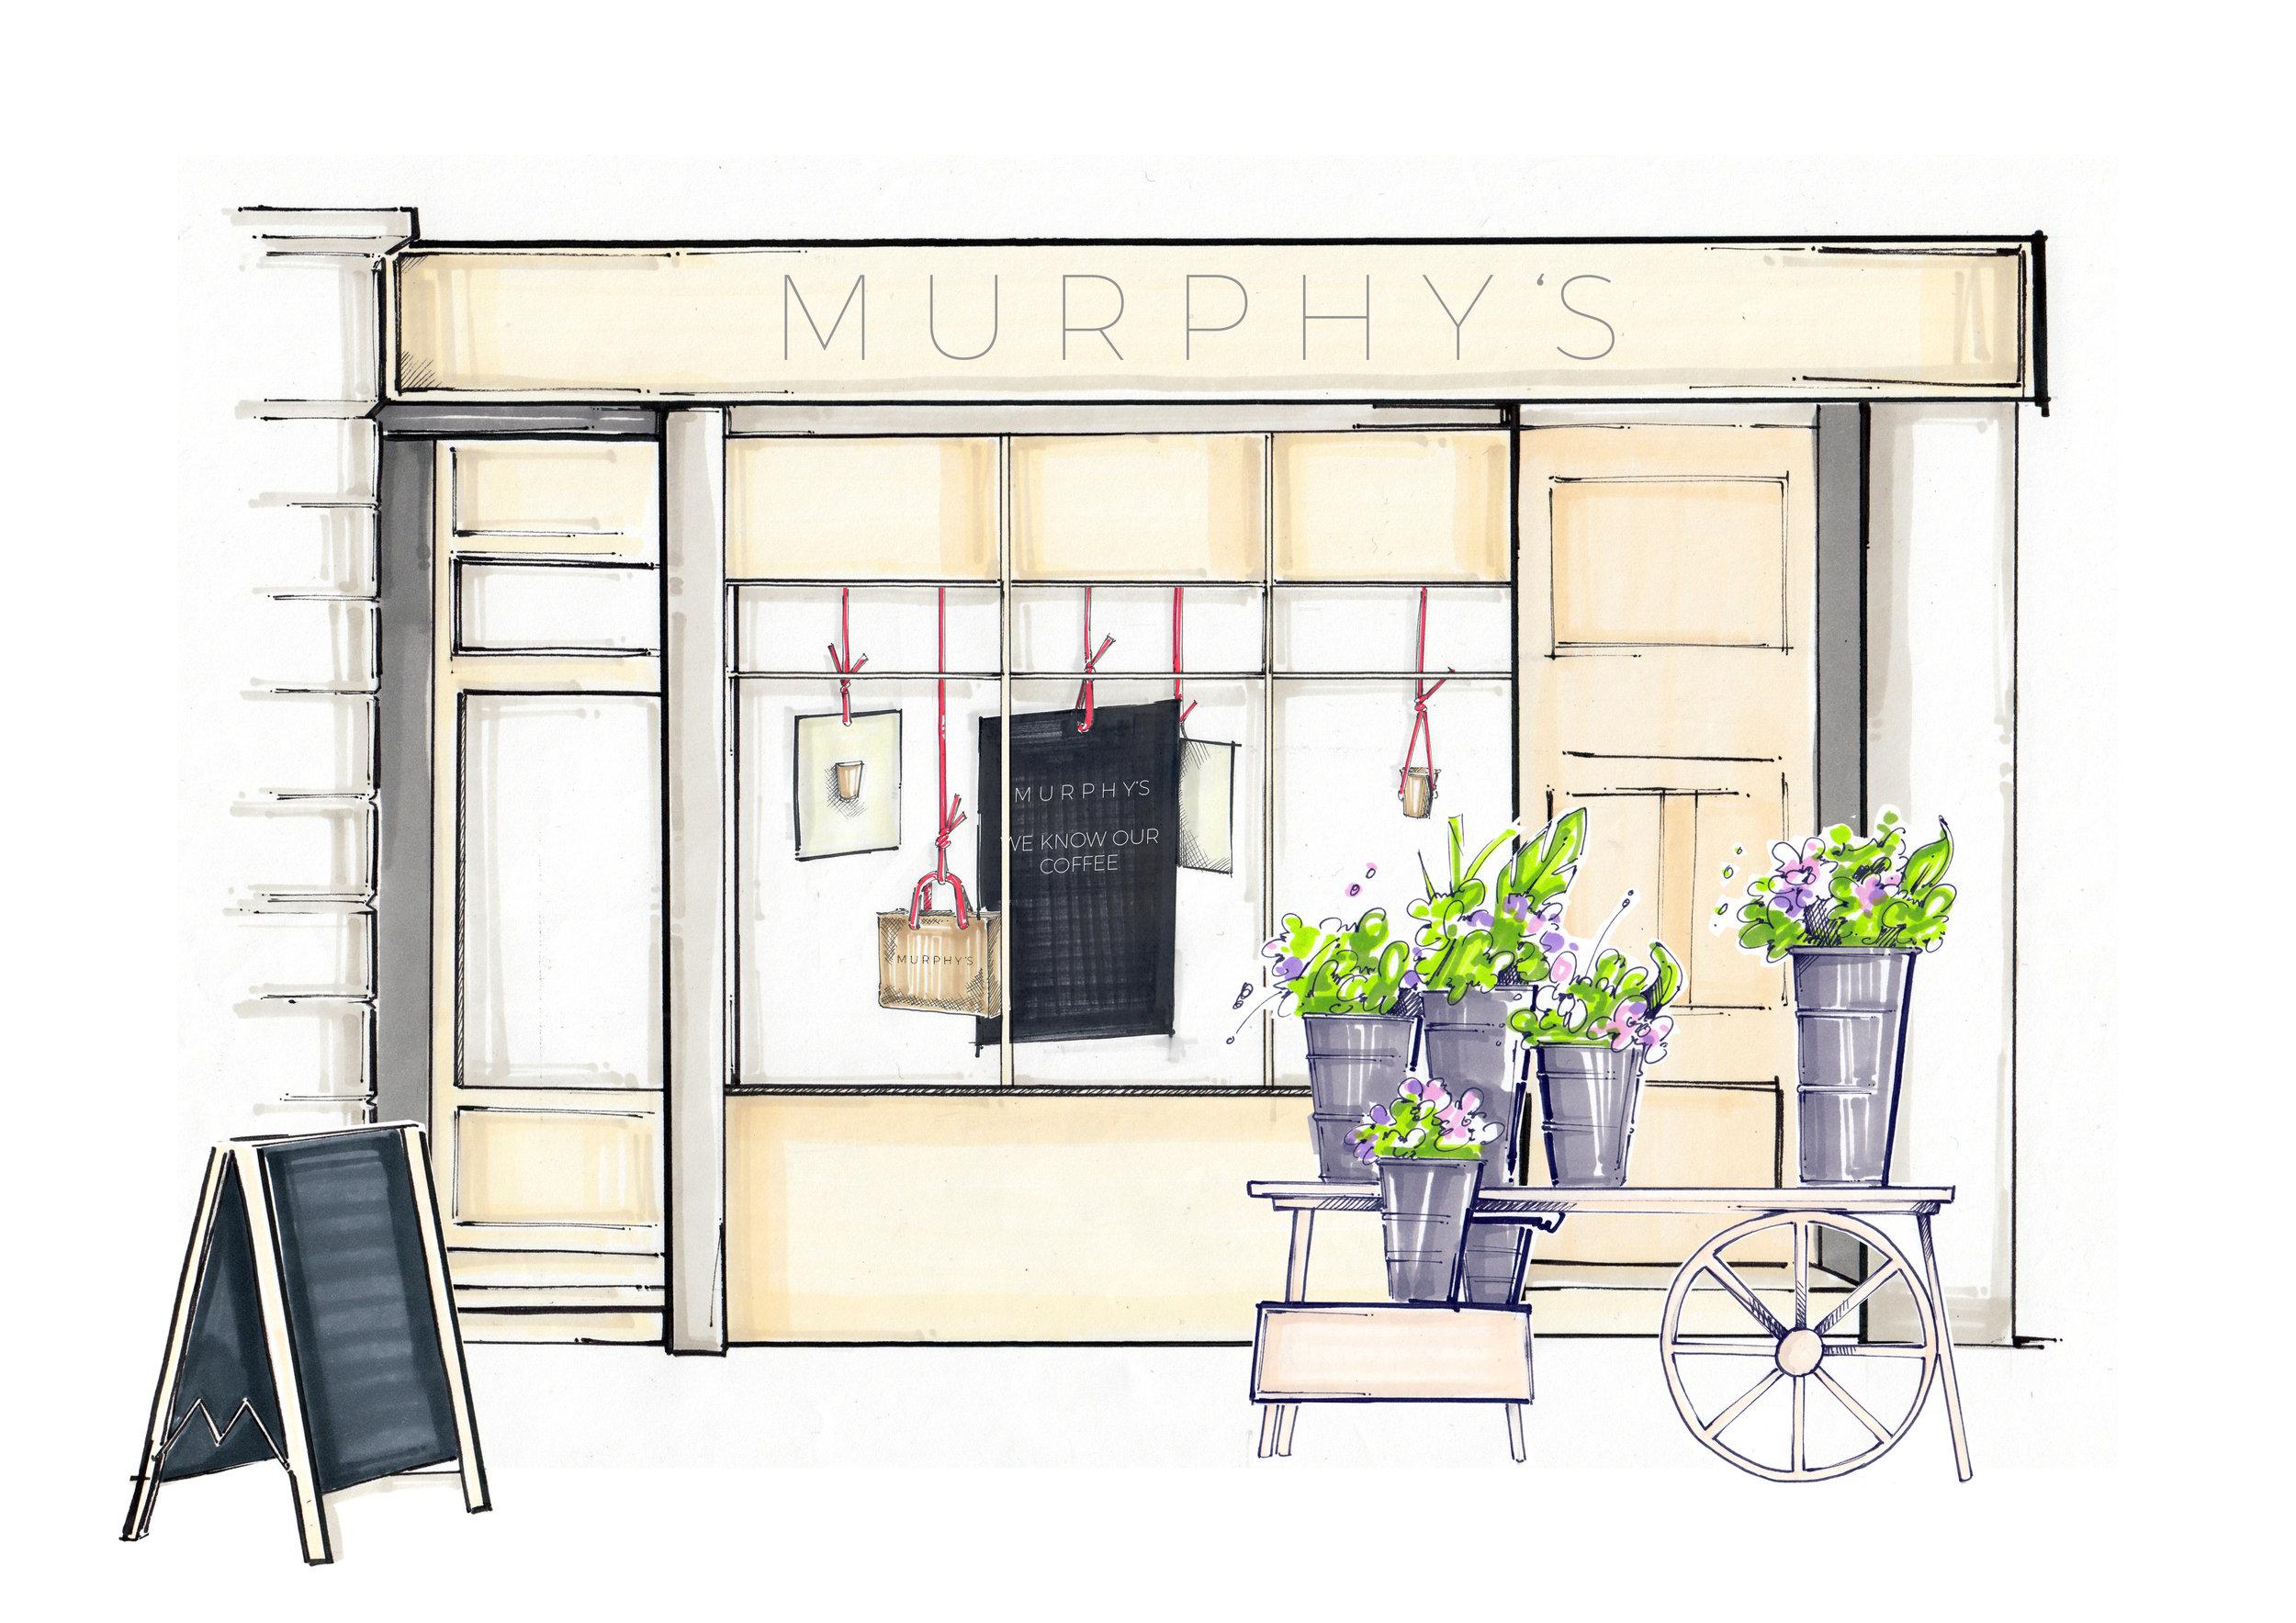 MURPHYS1.jpg